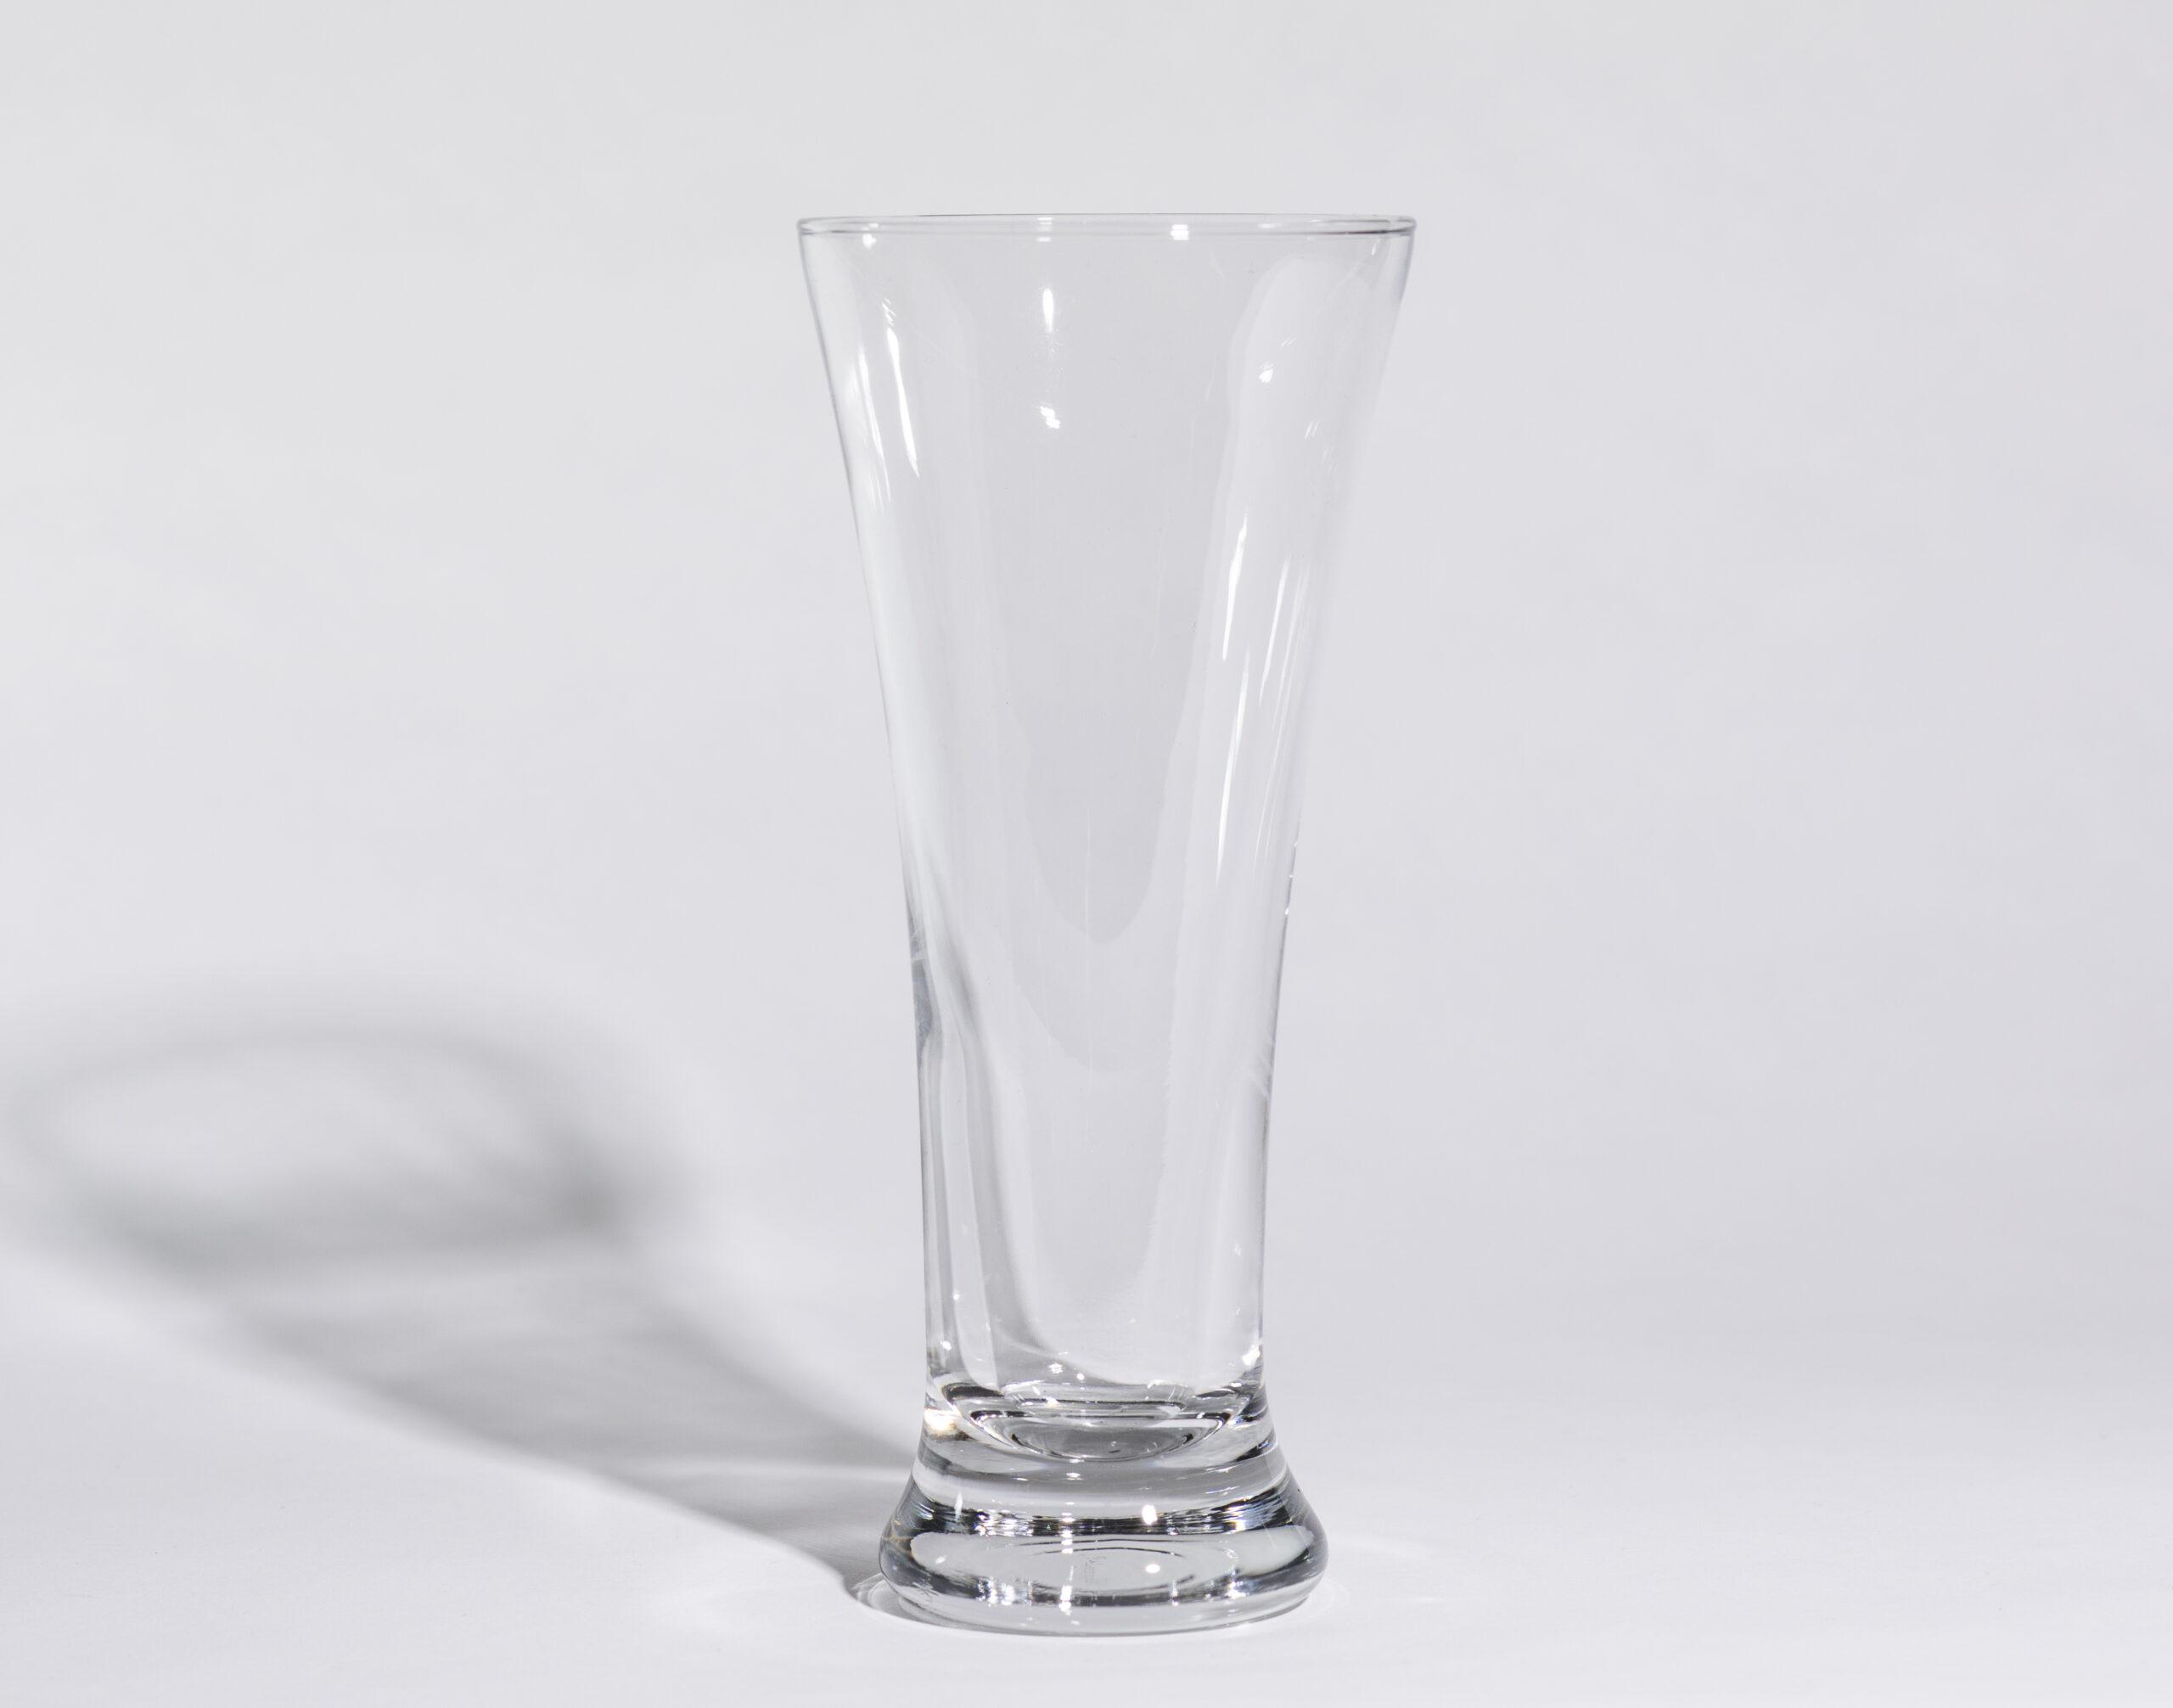 Beer glasses (12oz, stemmed)